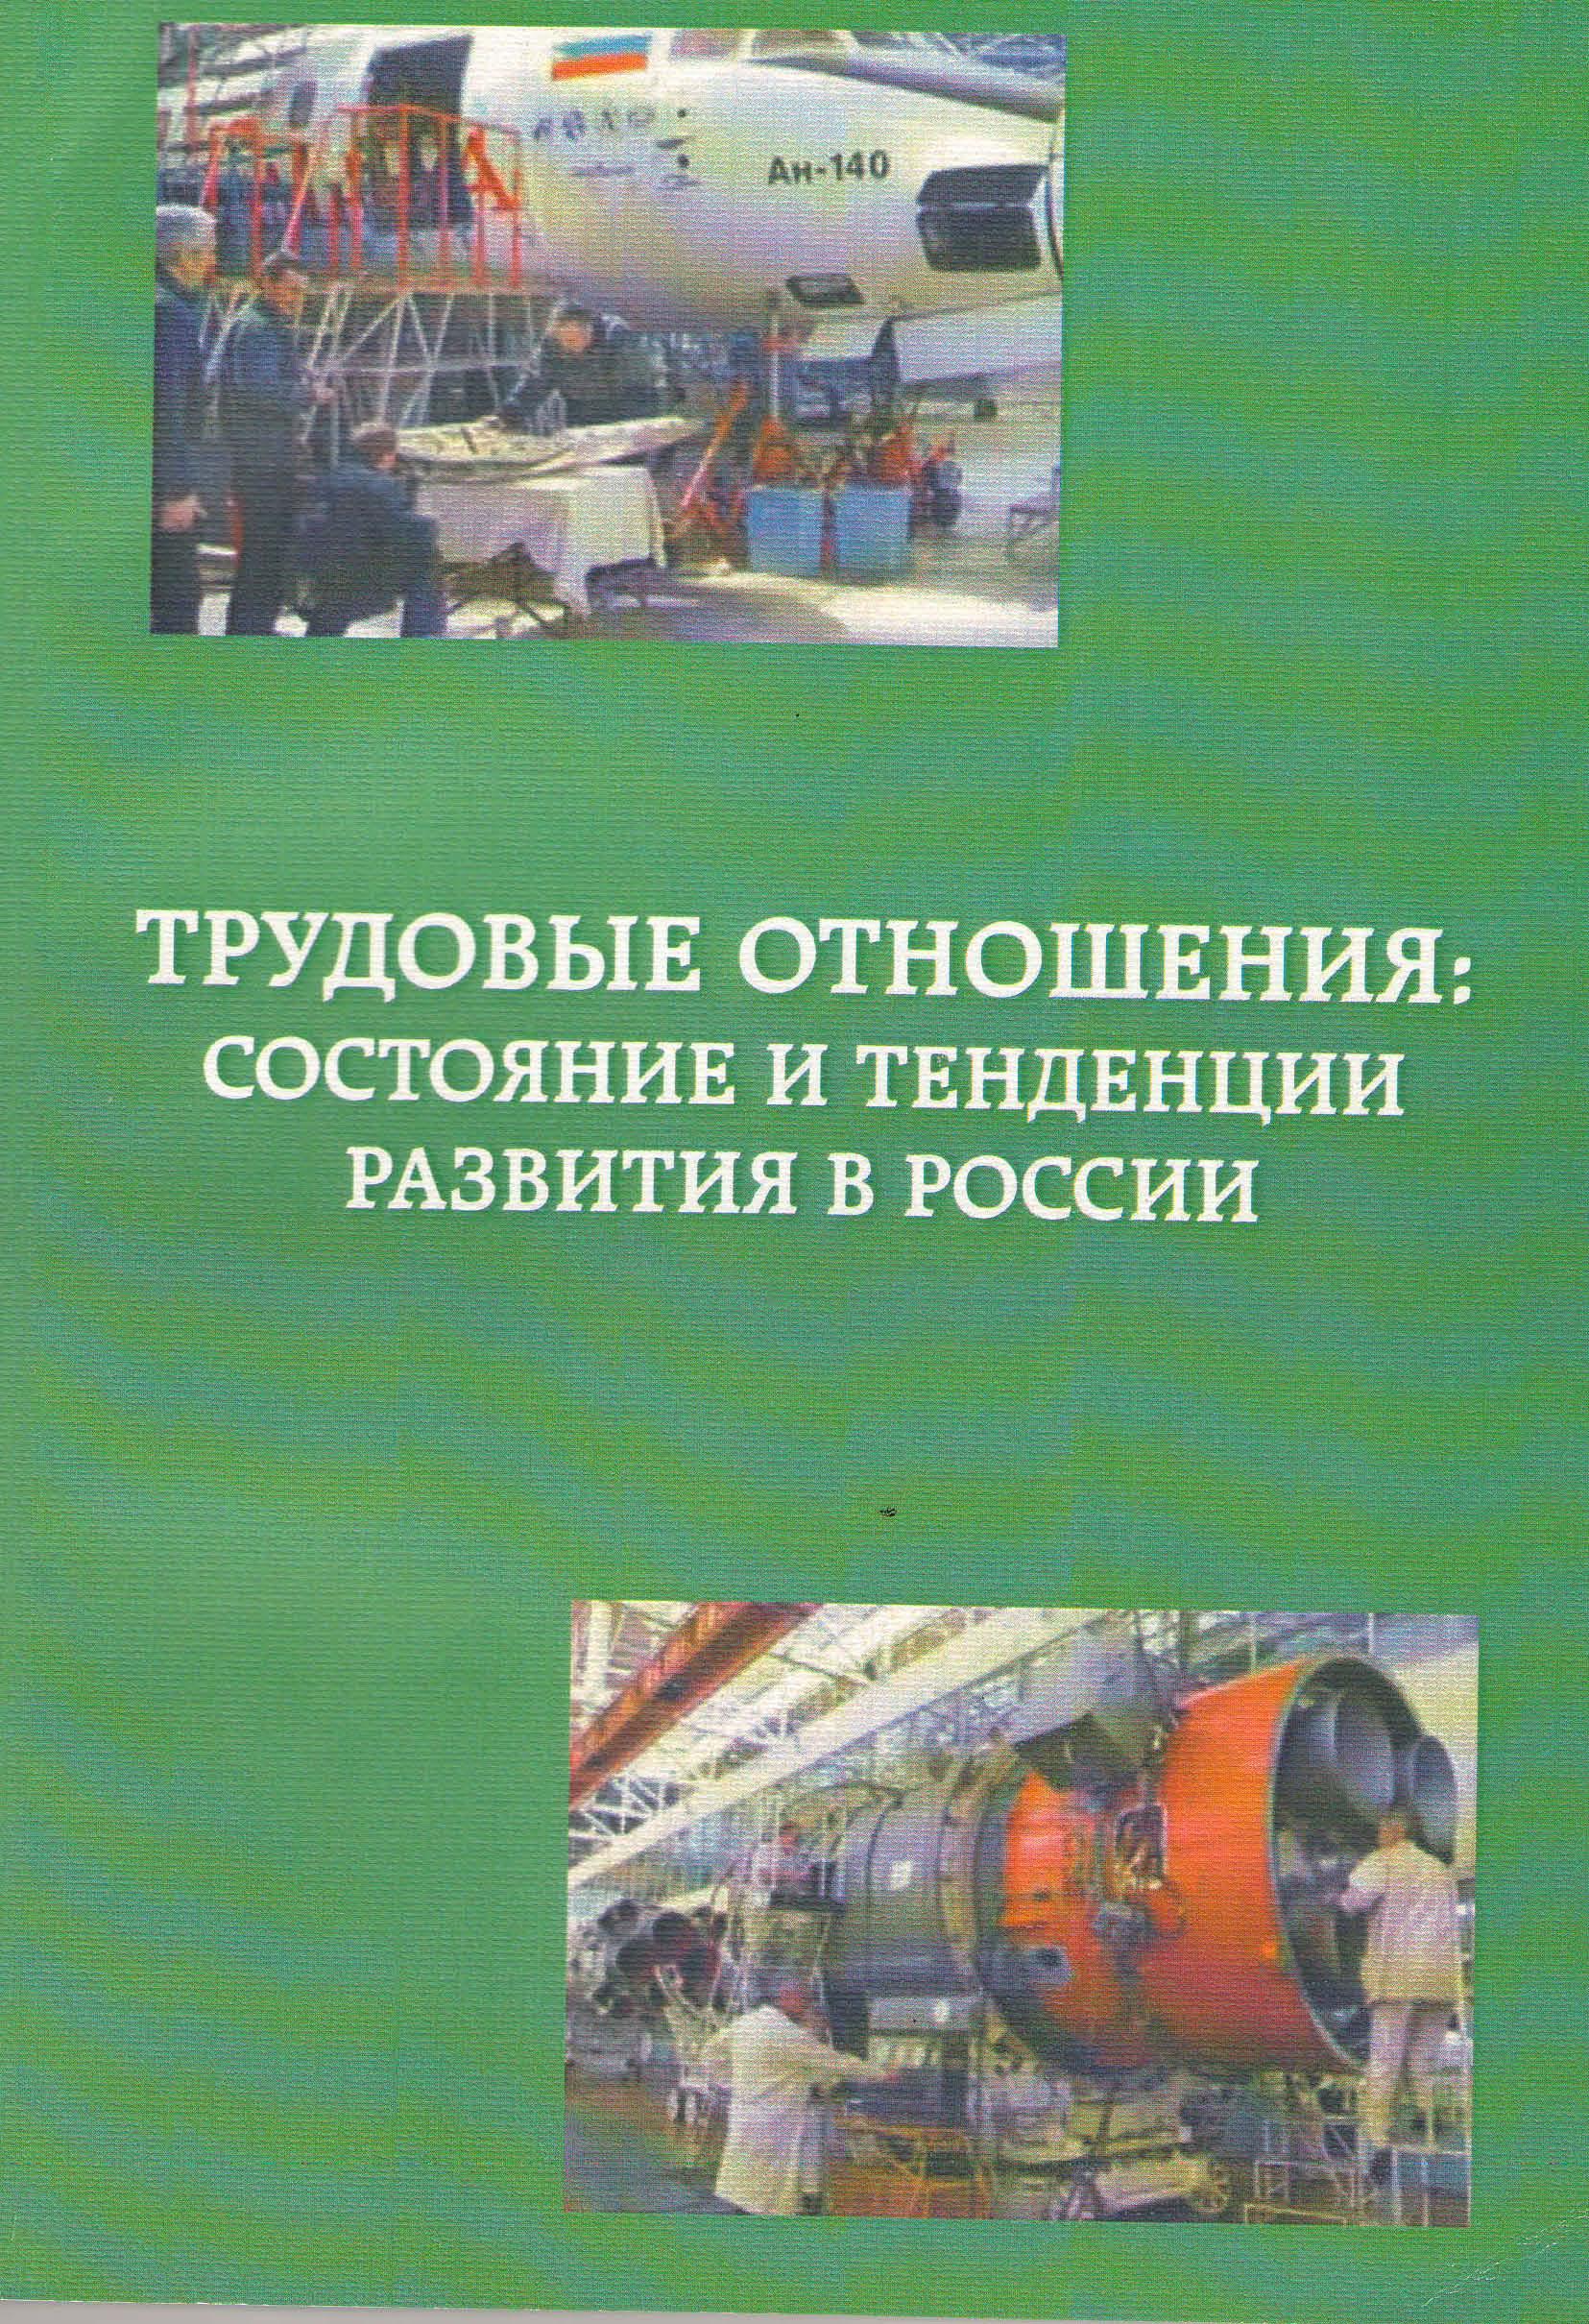 Трудовые отношения: состояние и тенденции развития в России